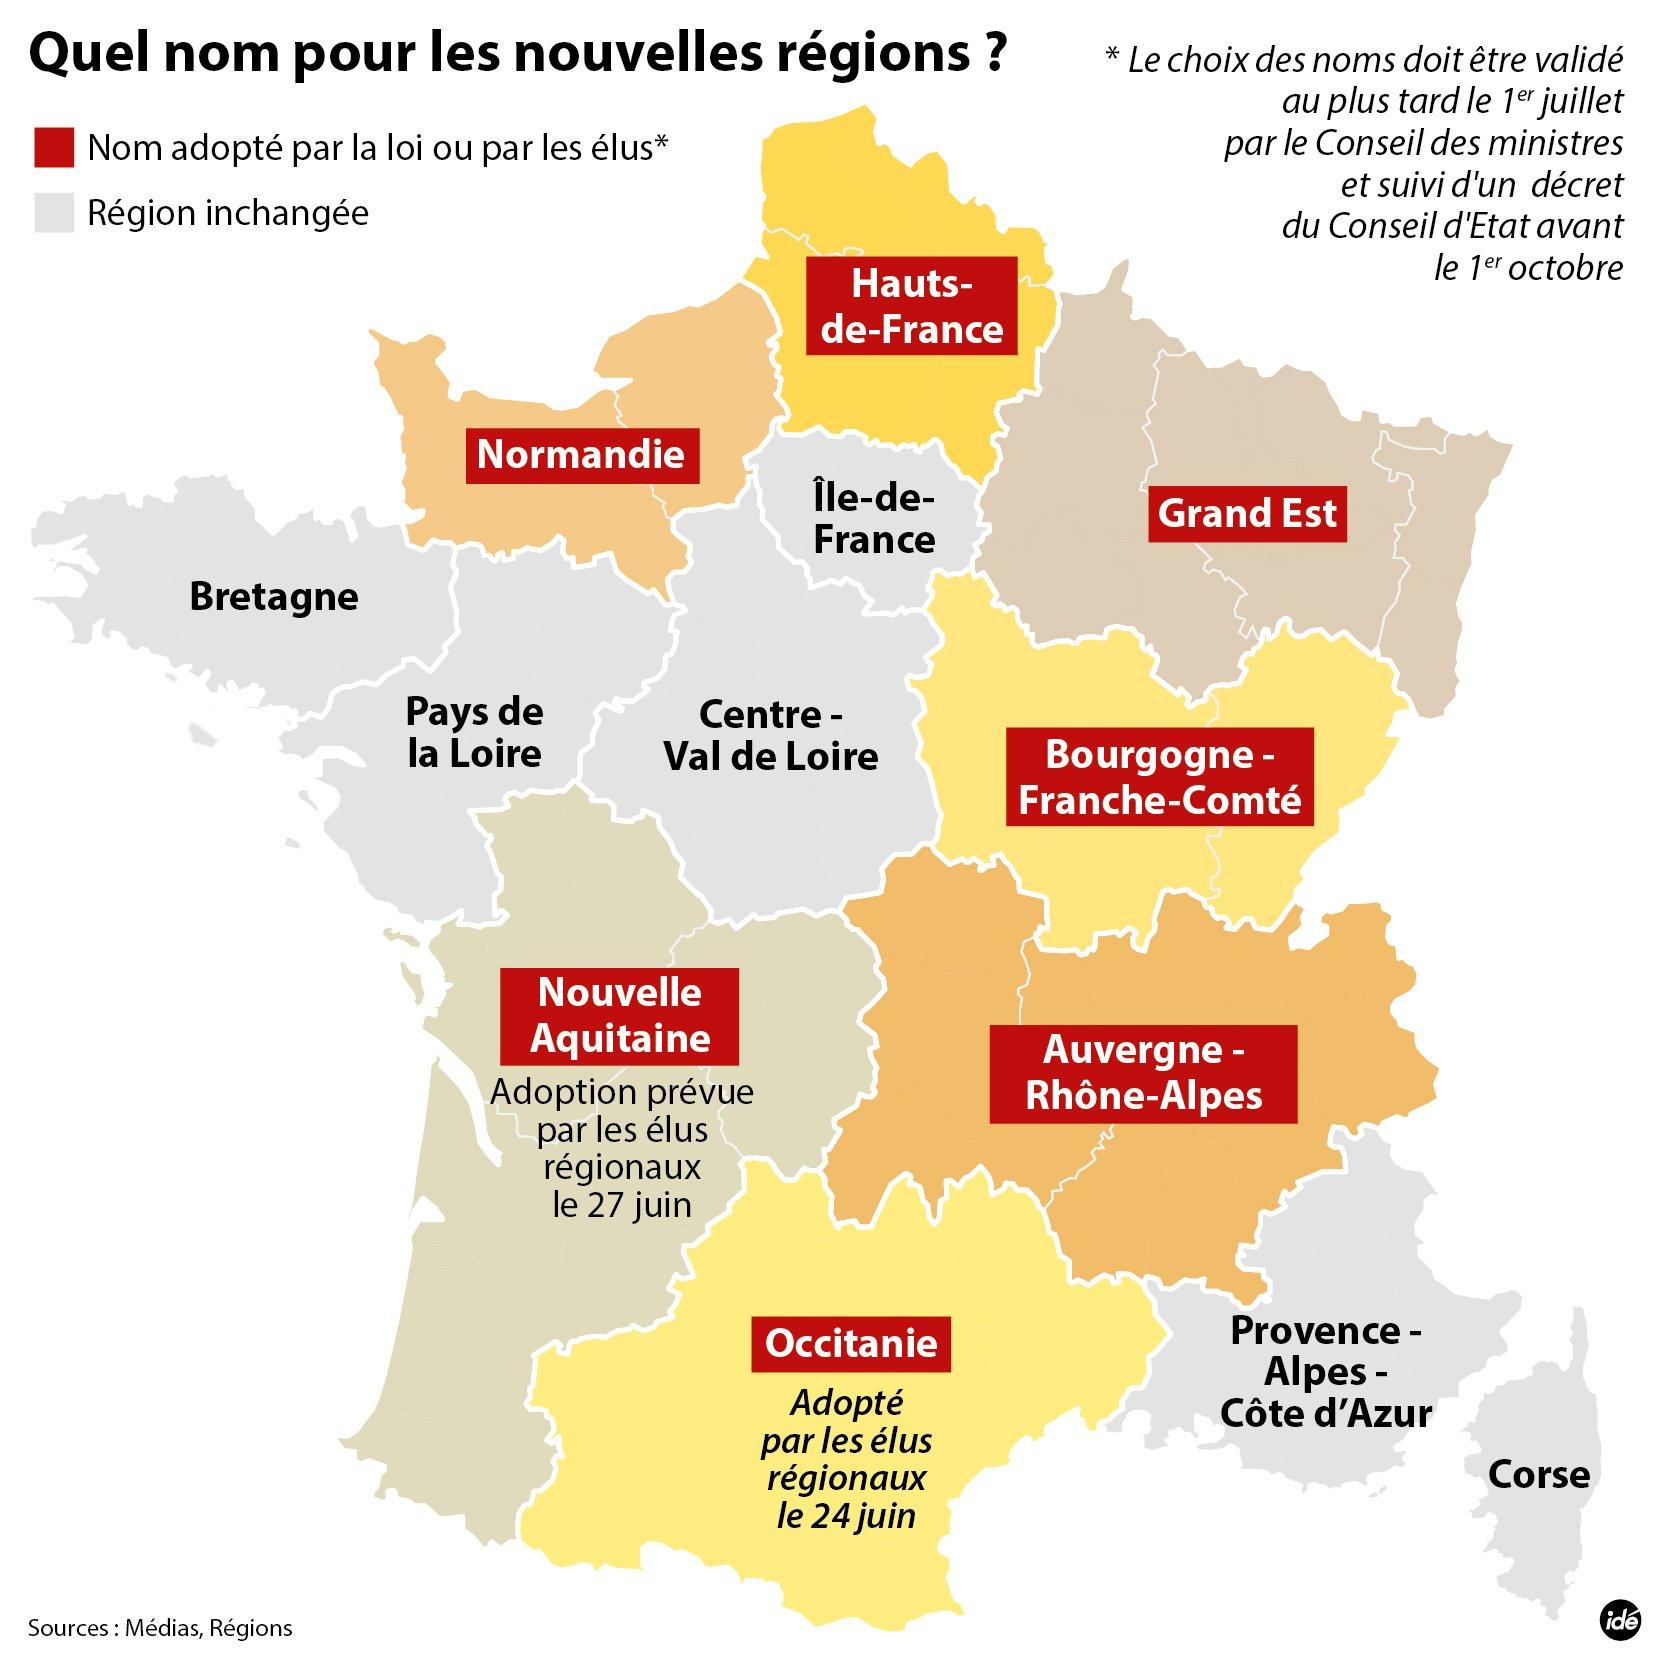 Nouvelle-Aquitaine : Nouveau Nom De La Grande Région dedans Carte Des Régions De France 2016